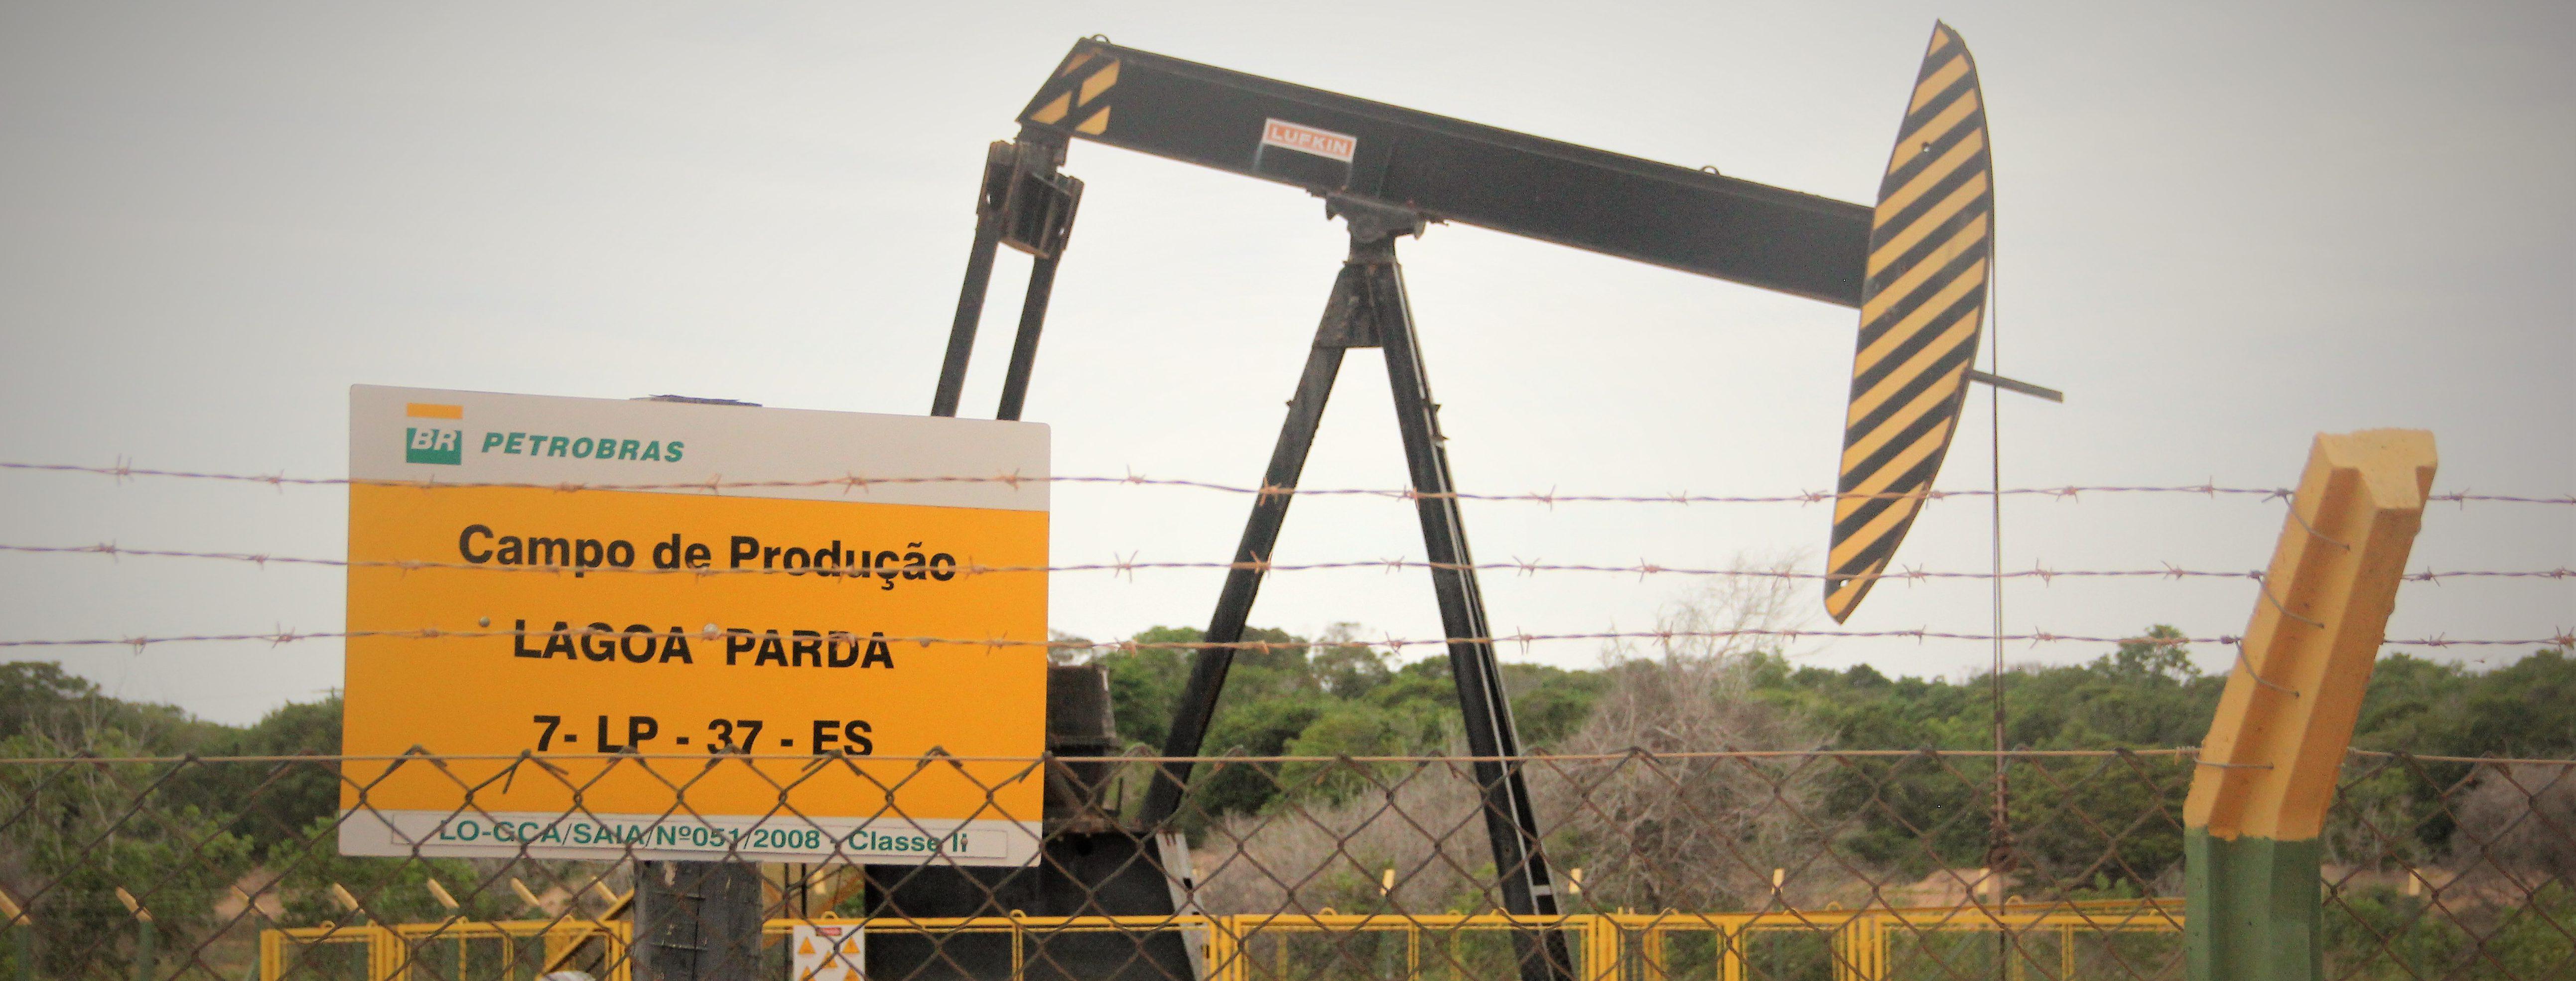 Vídeo: direitos violados em nome da exploração de petróleo